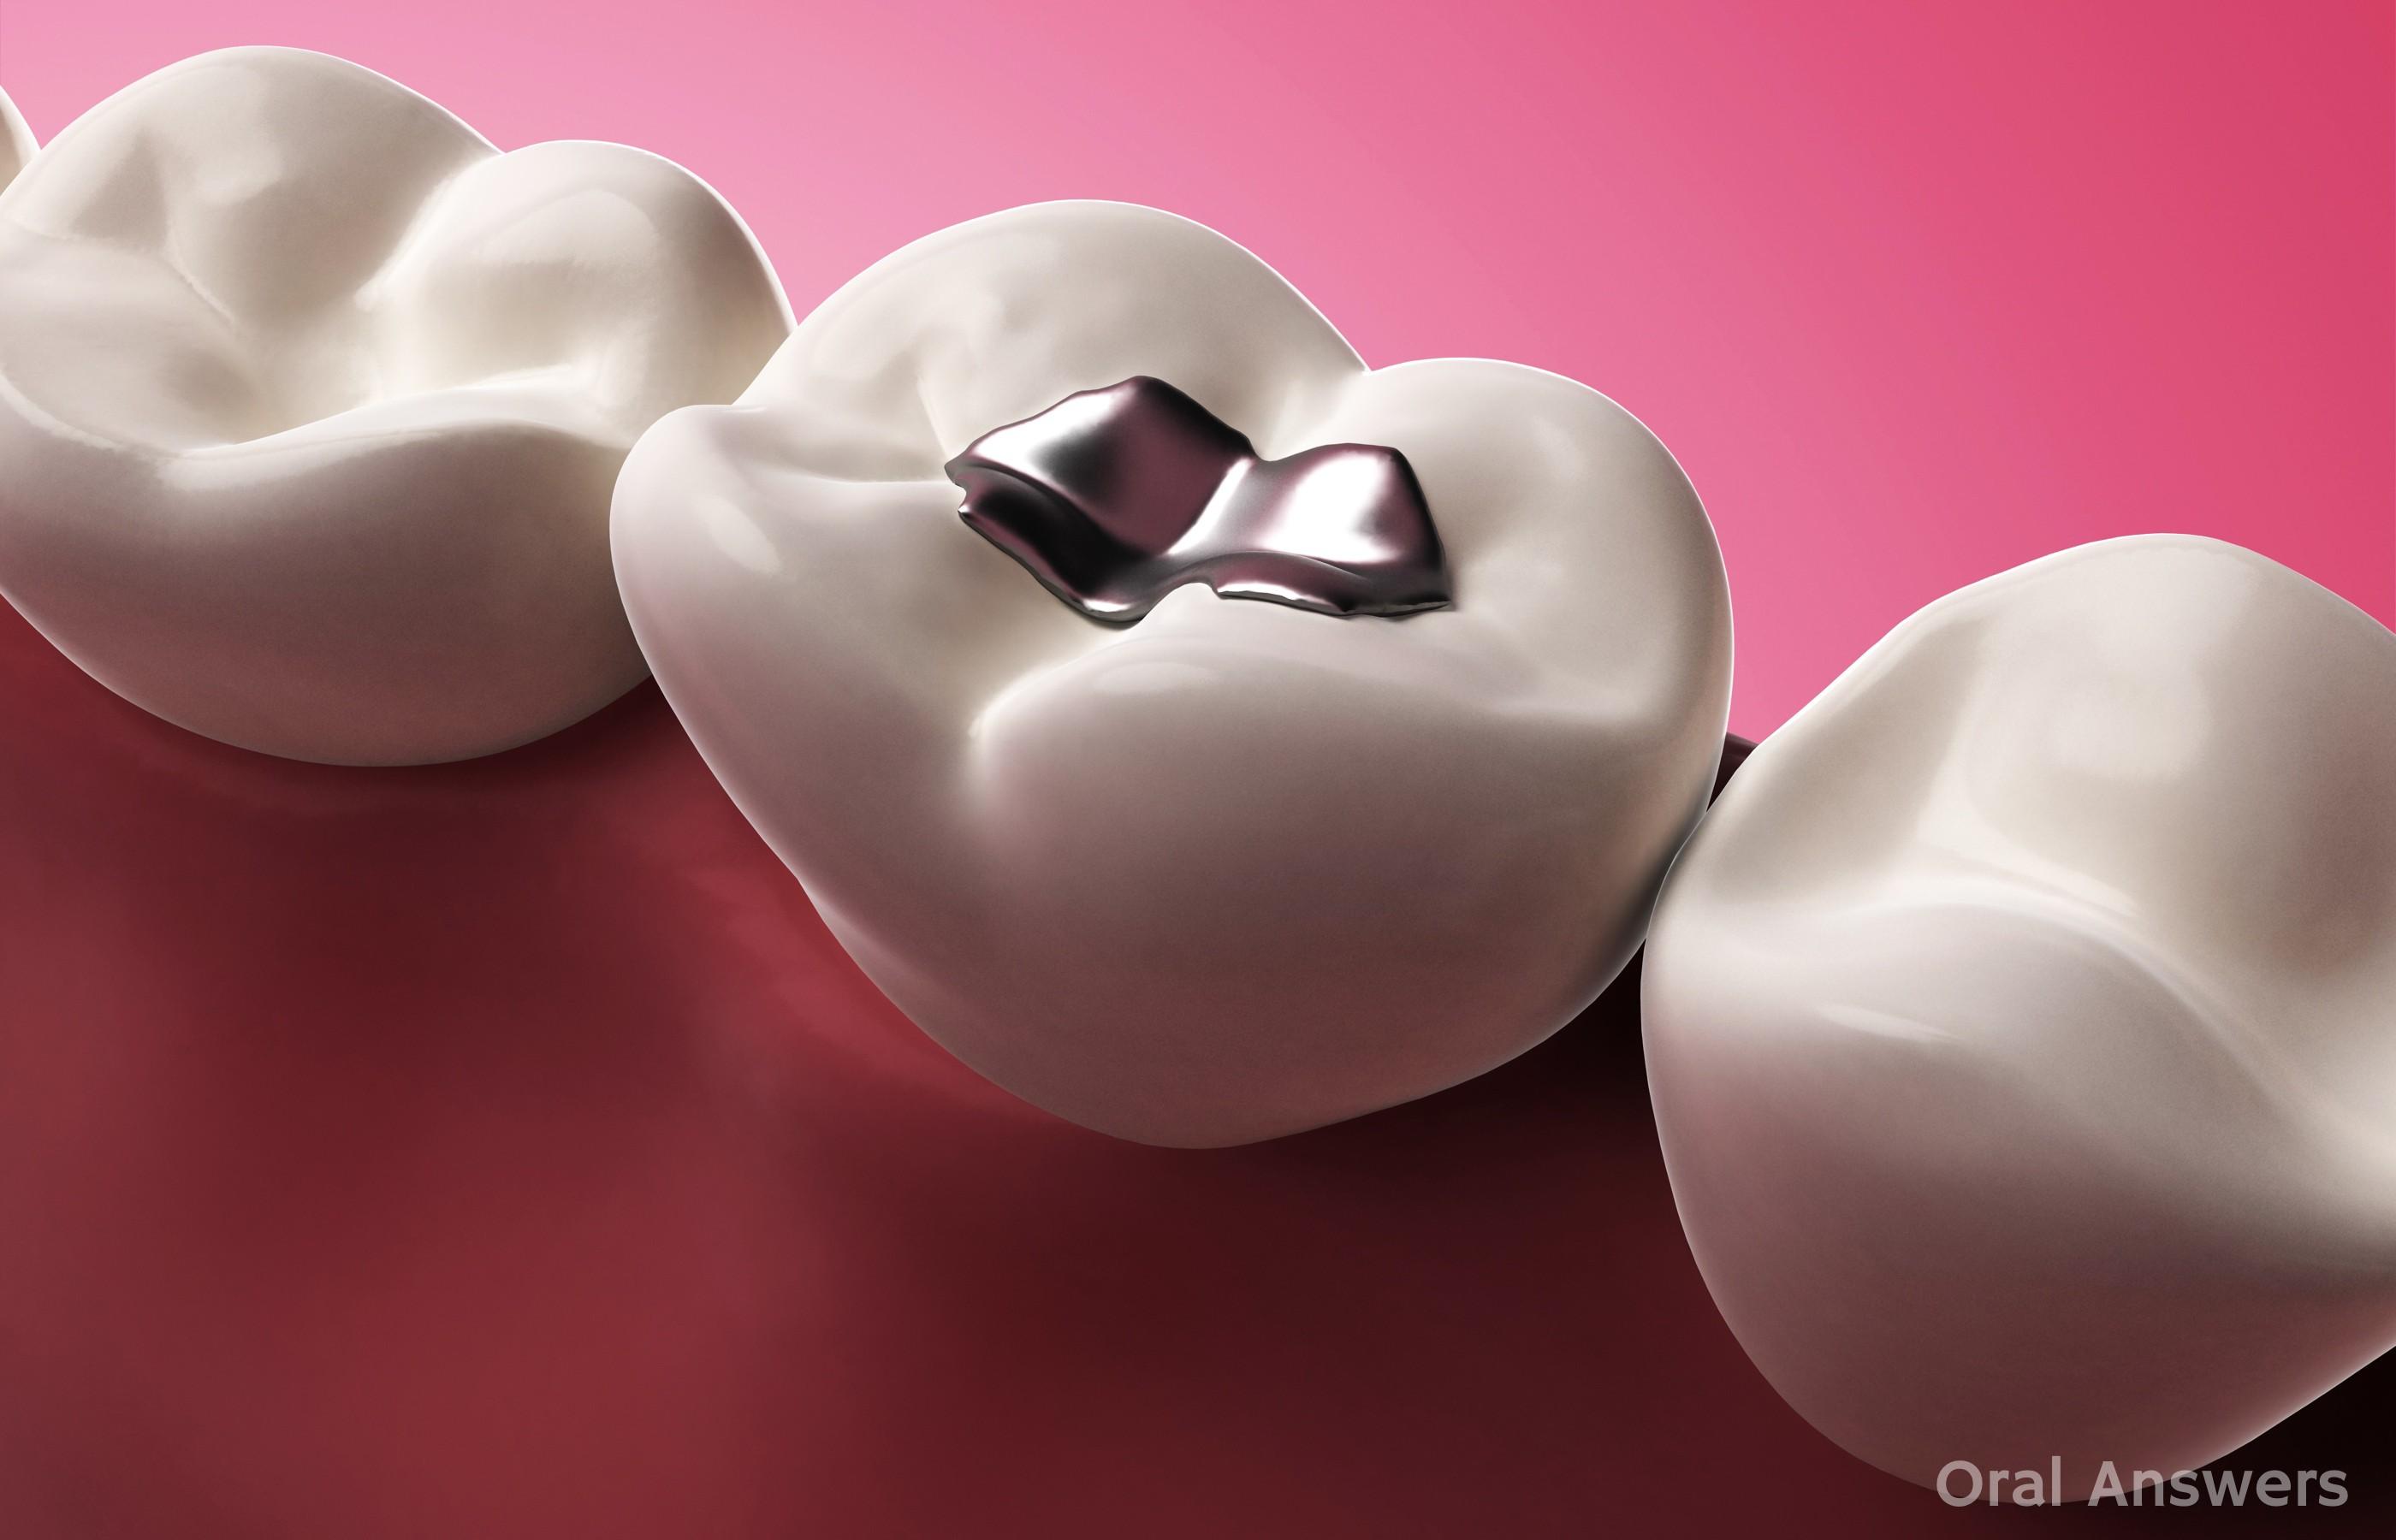 Hàn răng nhiều lần sẽ khiến bạn nhận một kết cục vô cùng đáng sợ - Ảnh 2.